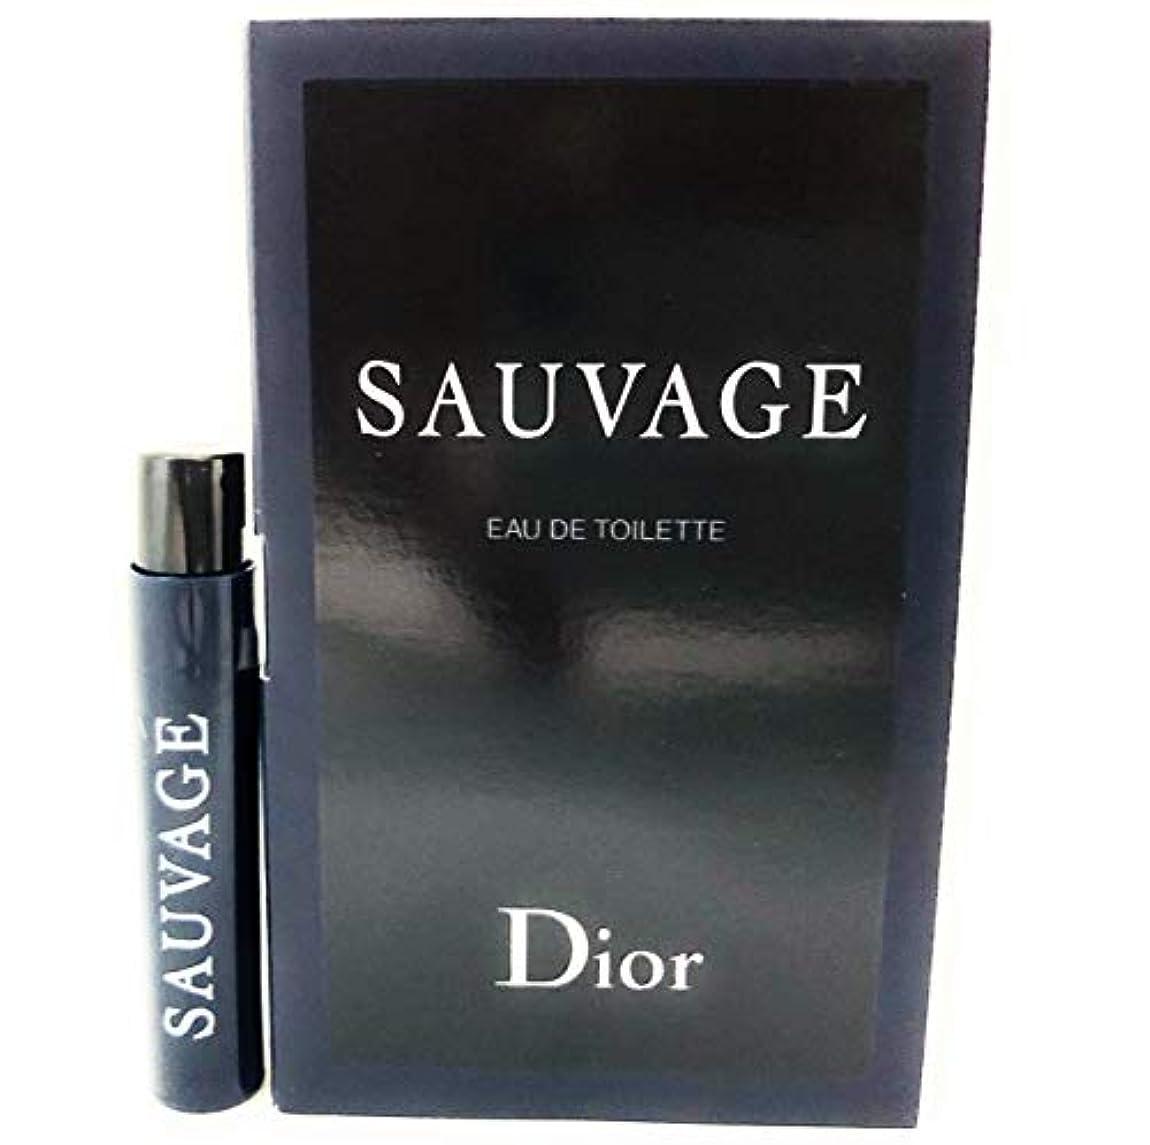 コースネズミ少ないクリスチャン ディオール(Christian Dior) ソヴァージュ オードゥ トワレ 1ml サンプルサイズ [並行輸入品]